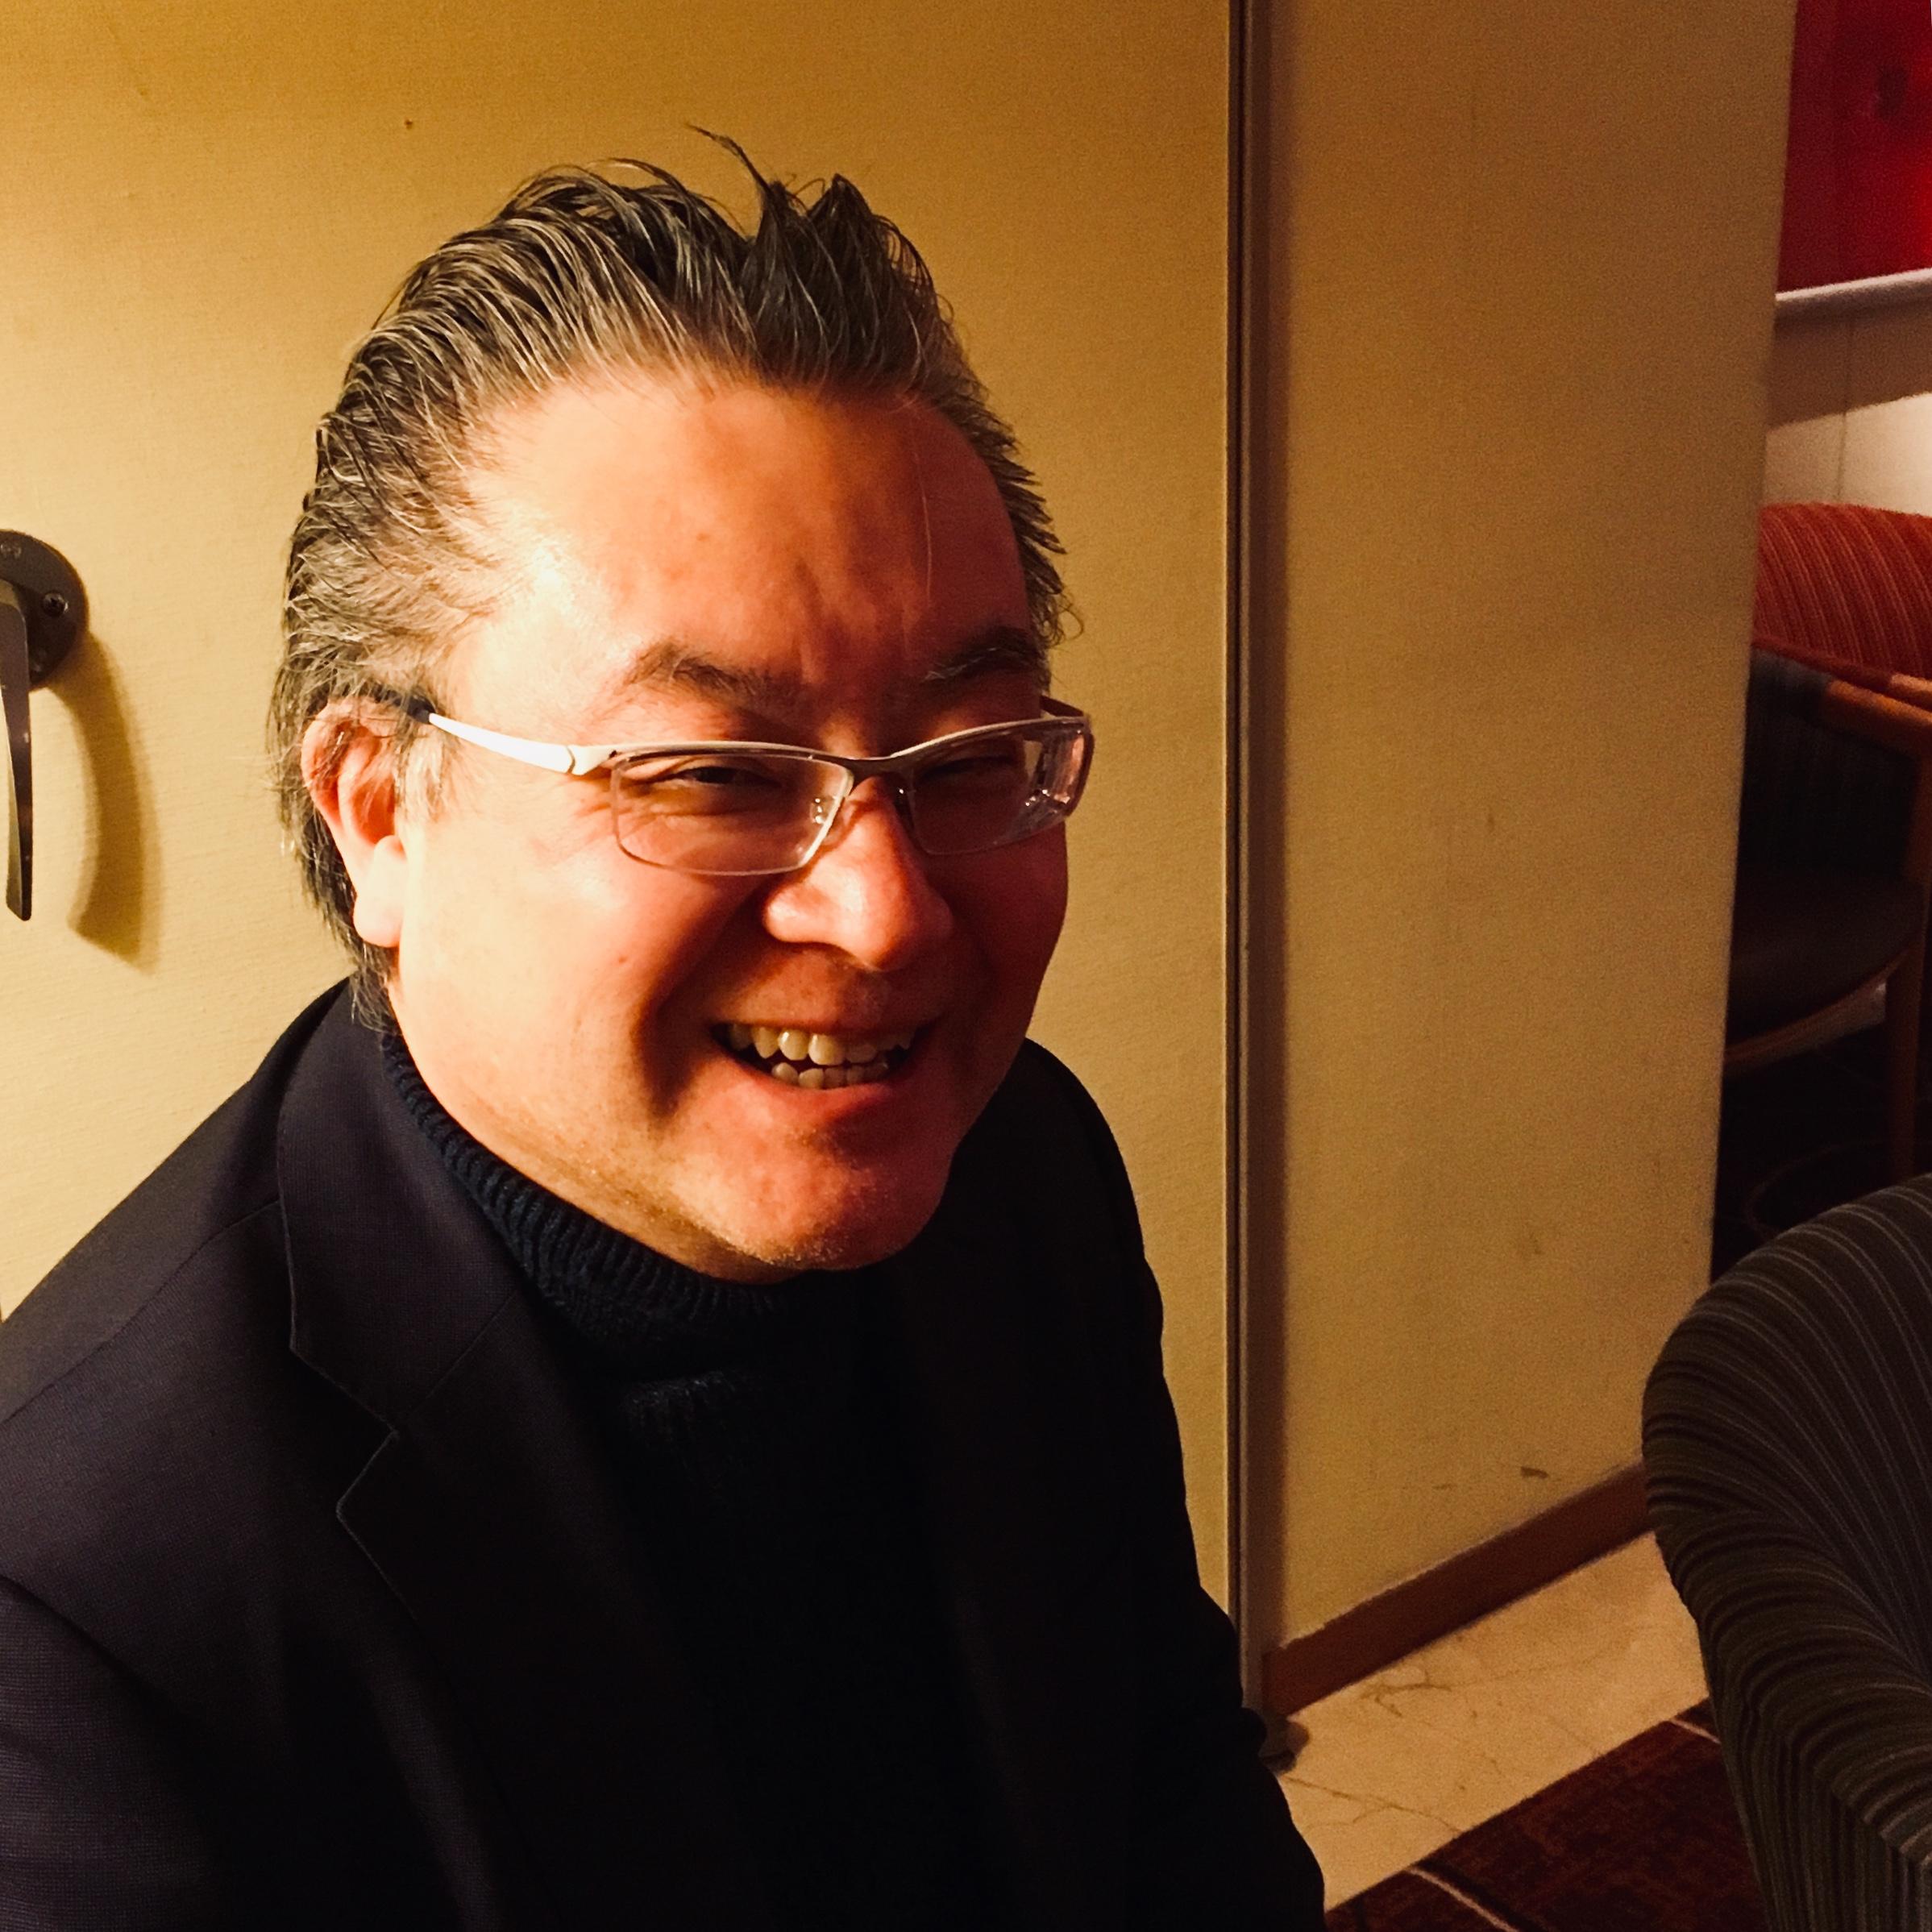 経営者インタビュー Vol.5 松下 和弘さん【(株)エリアマーケティング研究所】